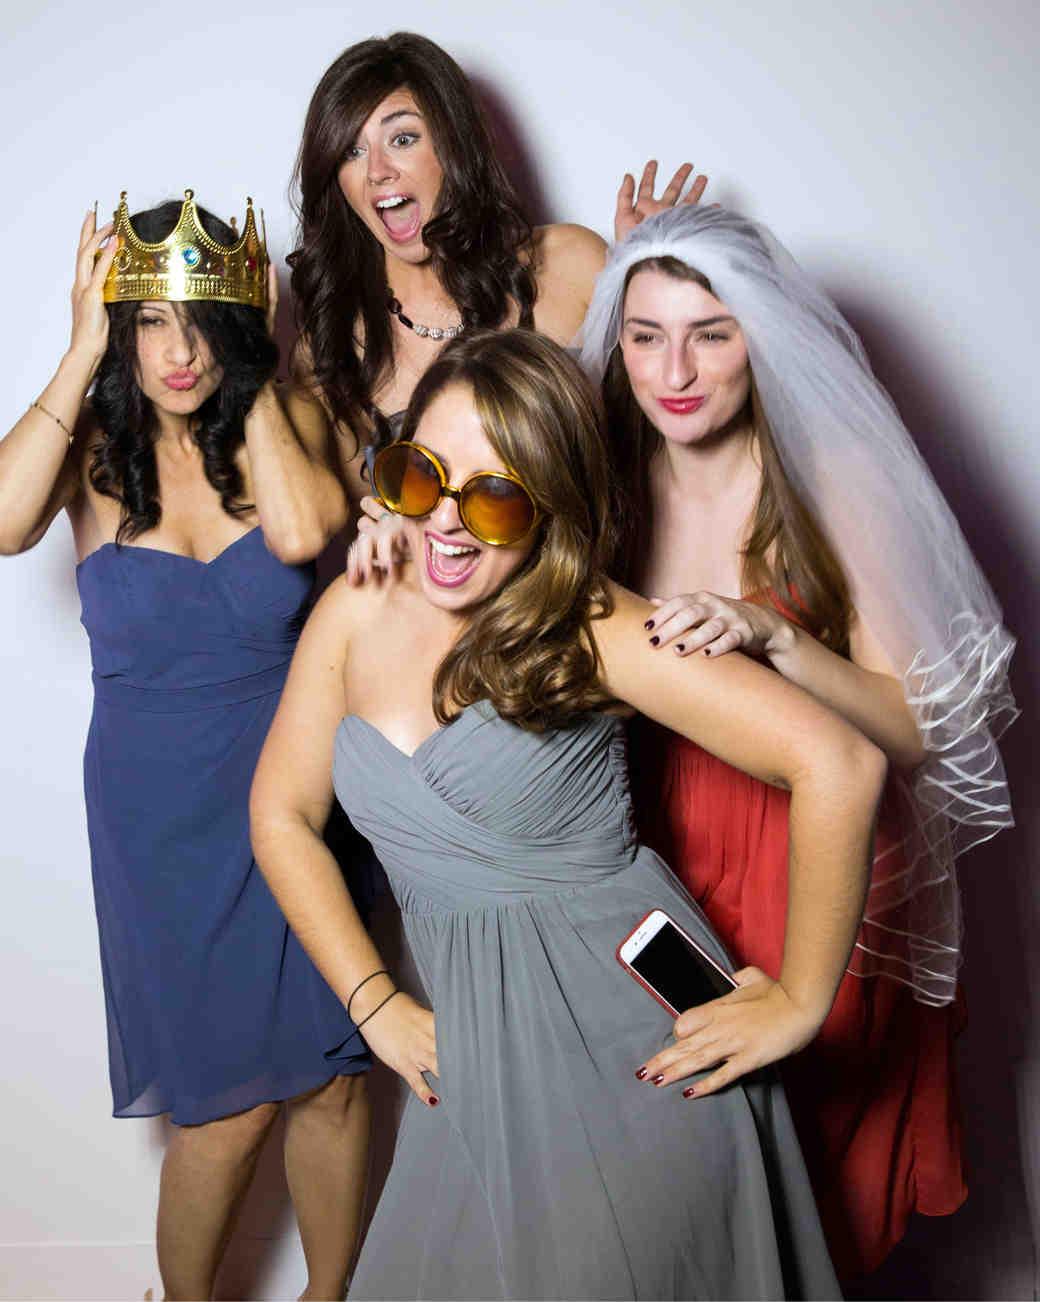 martha-weddings-party-2015-goflipyourself-1015.jpg